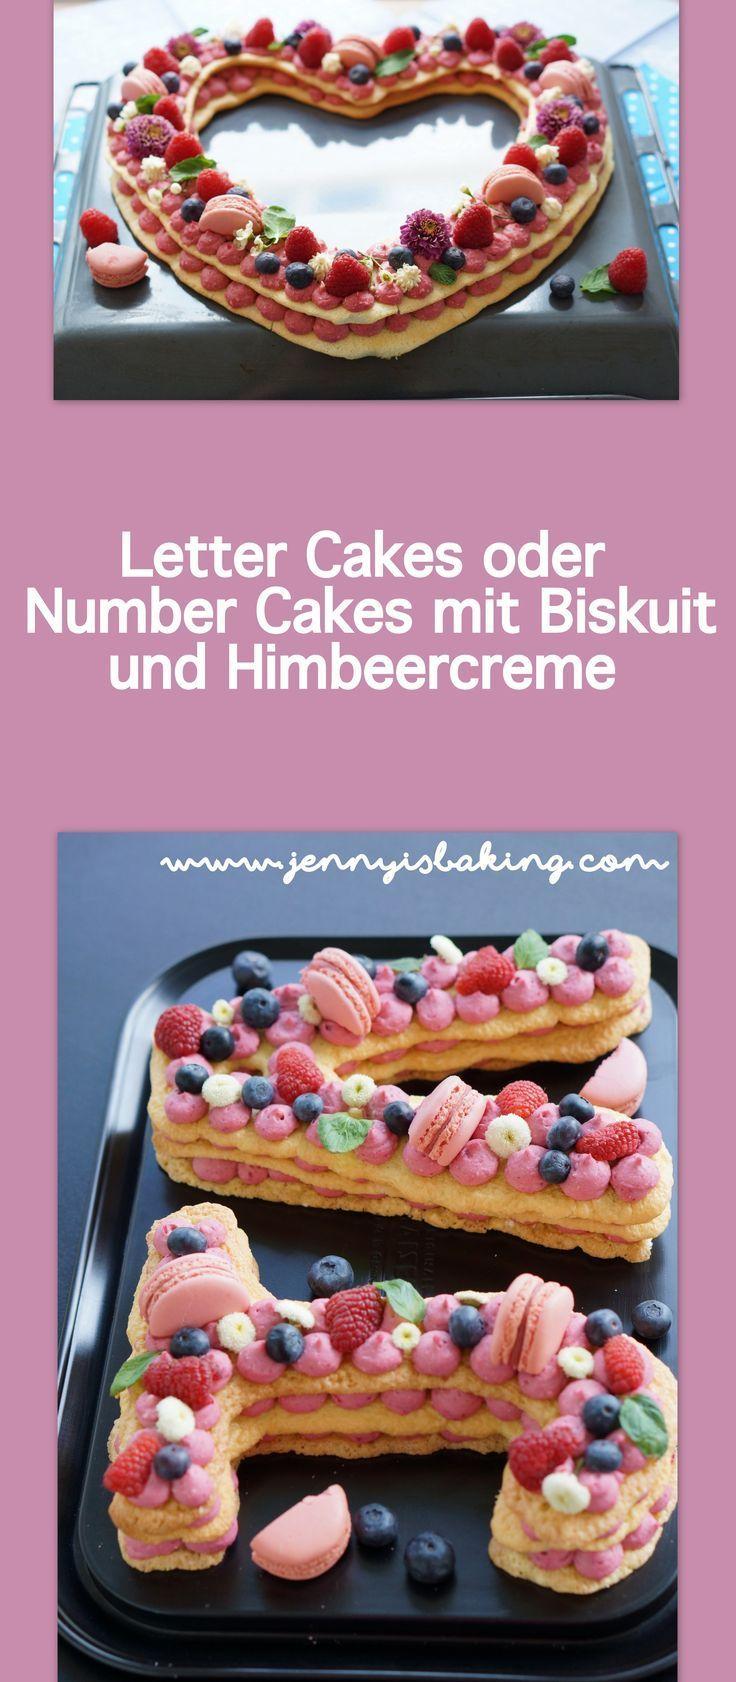 Warum Ich Den Letter Cakes Doch Noch Mal Eine Chance Gab Jenny Is Baking Rezept Himbeercreme Himbeeren Anzahl Kuchen